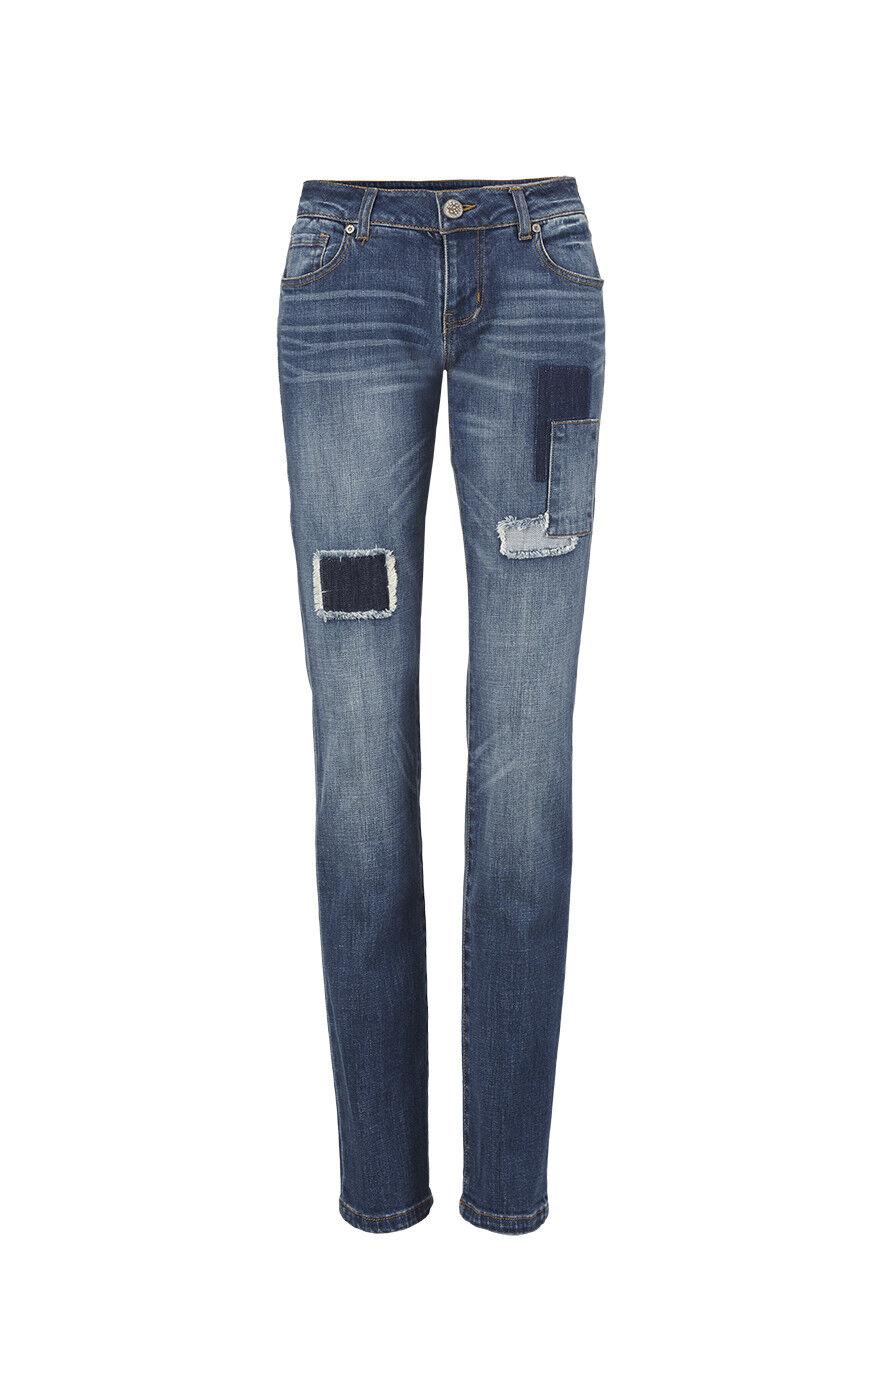 CAbi NWT Women's Size 4 5308 Slim Boyfriend Jeans Patchy Spring '18